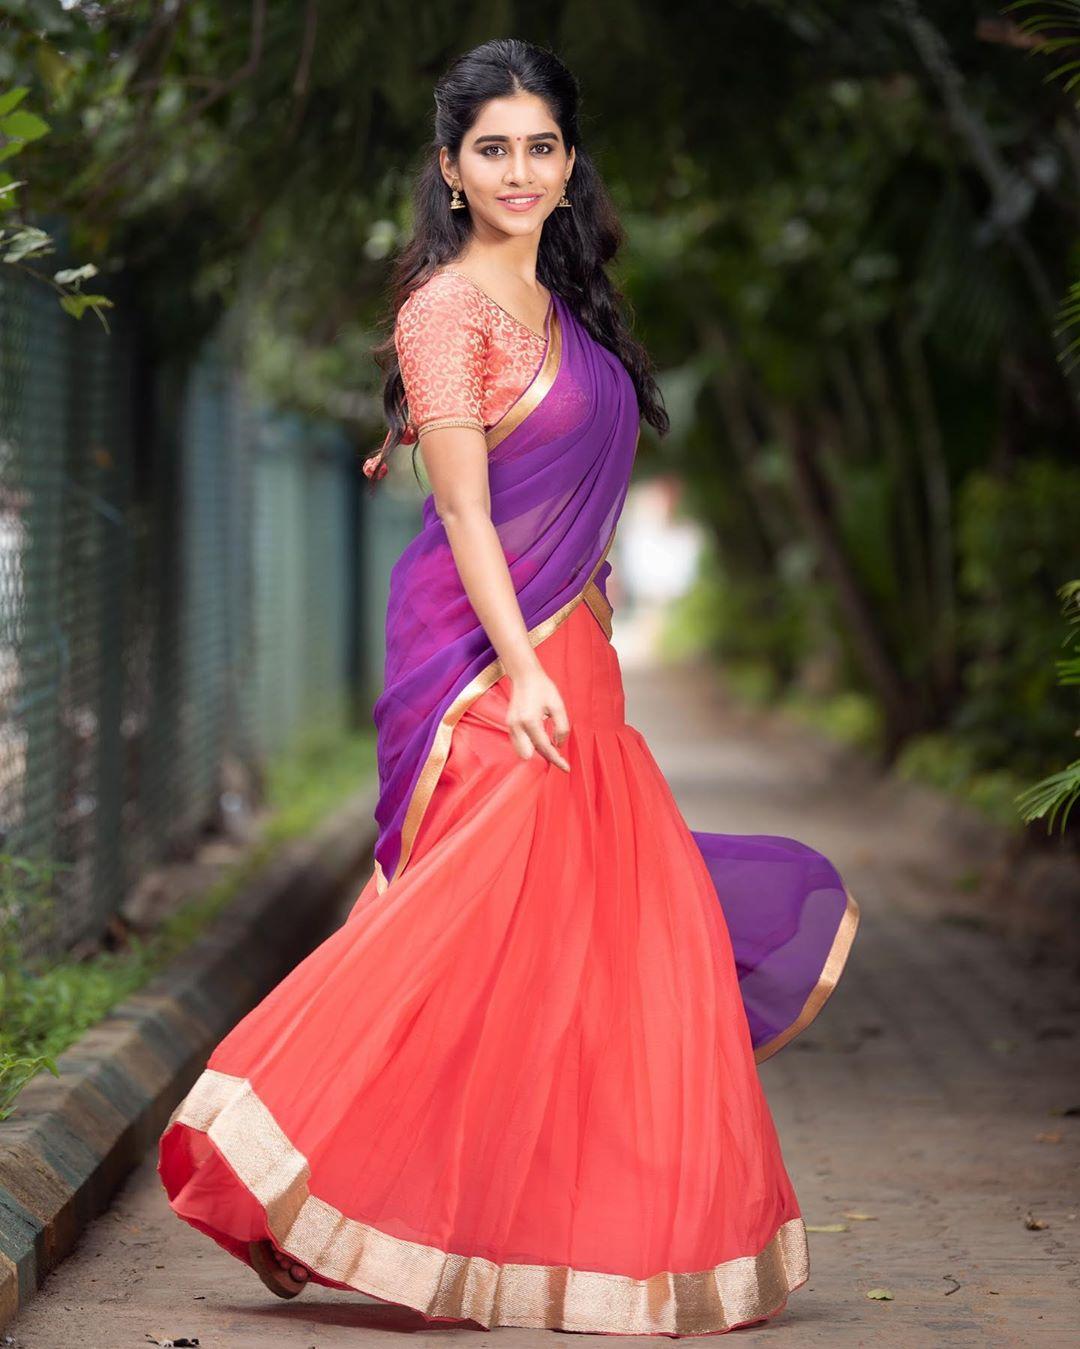 నభా నటేష్ (Photo: nabhanatesh/Instagram)